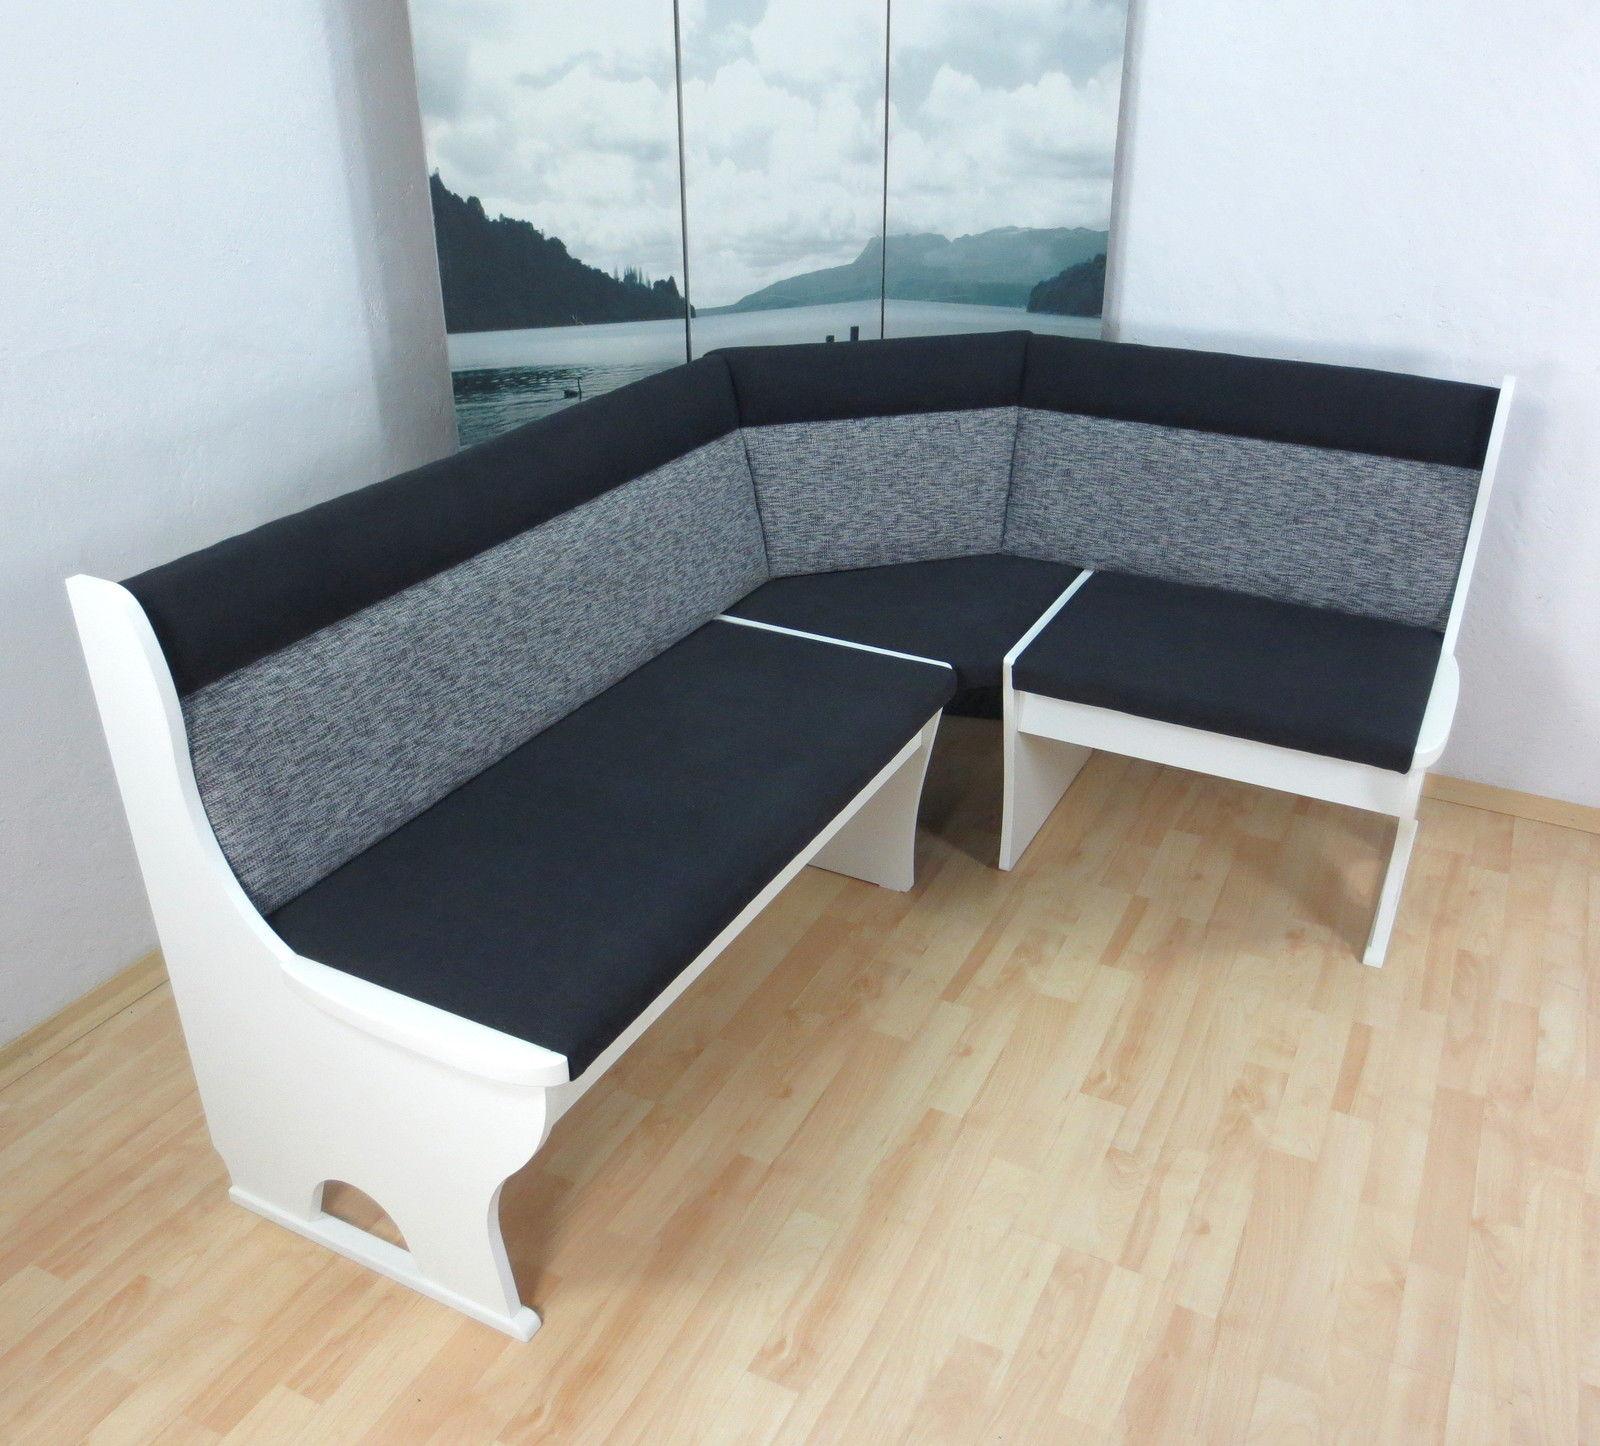 Gewaltig Moderne Sitzecke Das Beste Von Truheneckbank Teilmassiv Weiß Schwarz Grau Küchenbank Design